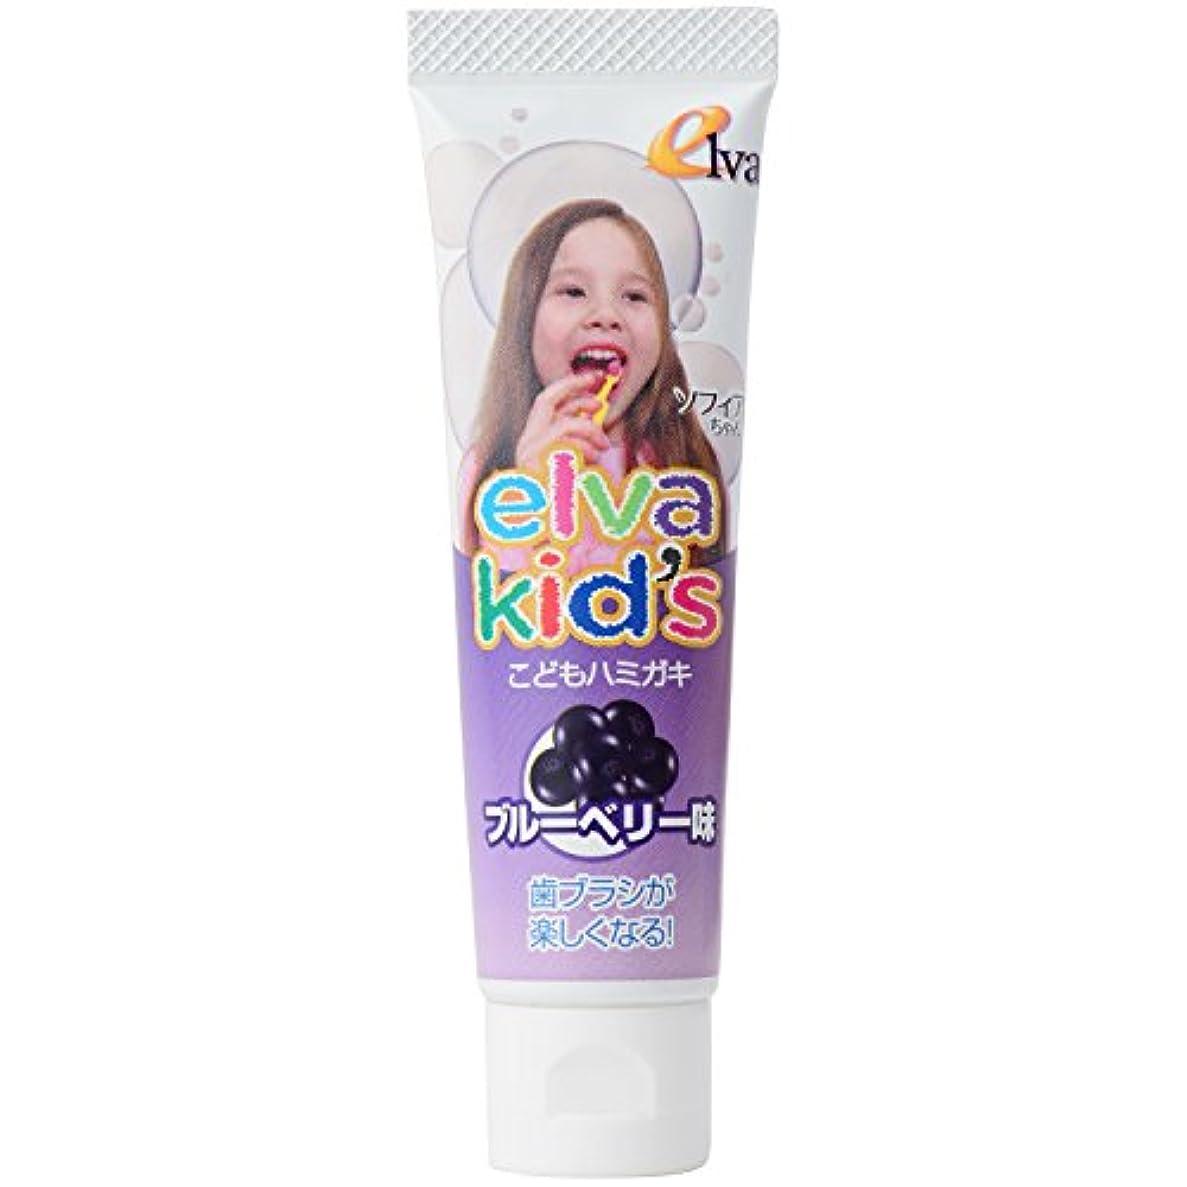 人気の質量望ましいエルバキッズ お母さんも安心のこだわりの歯磨き粉 フッ素なし ブルーベリー味 2個セット